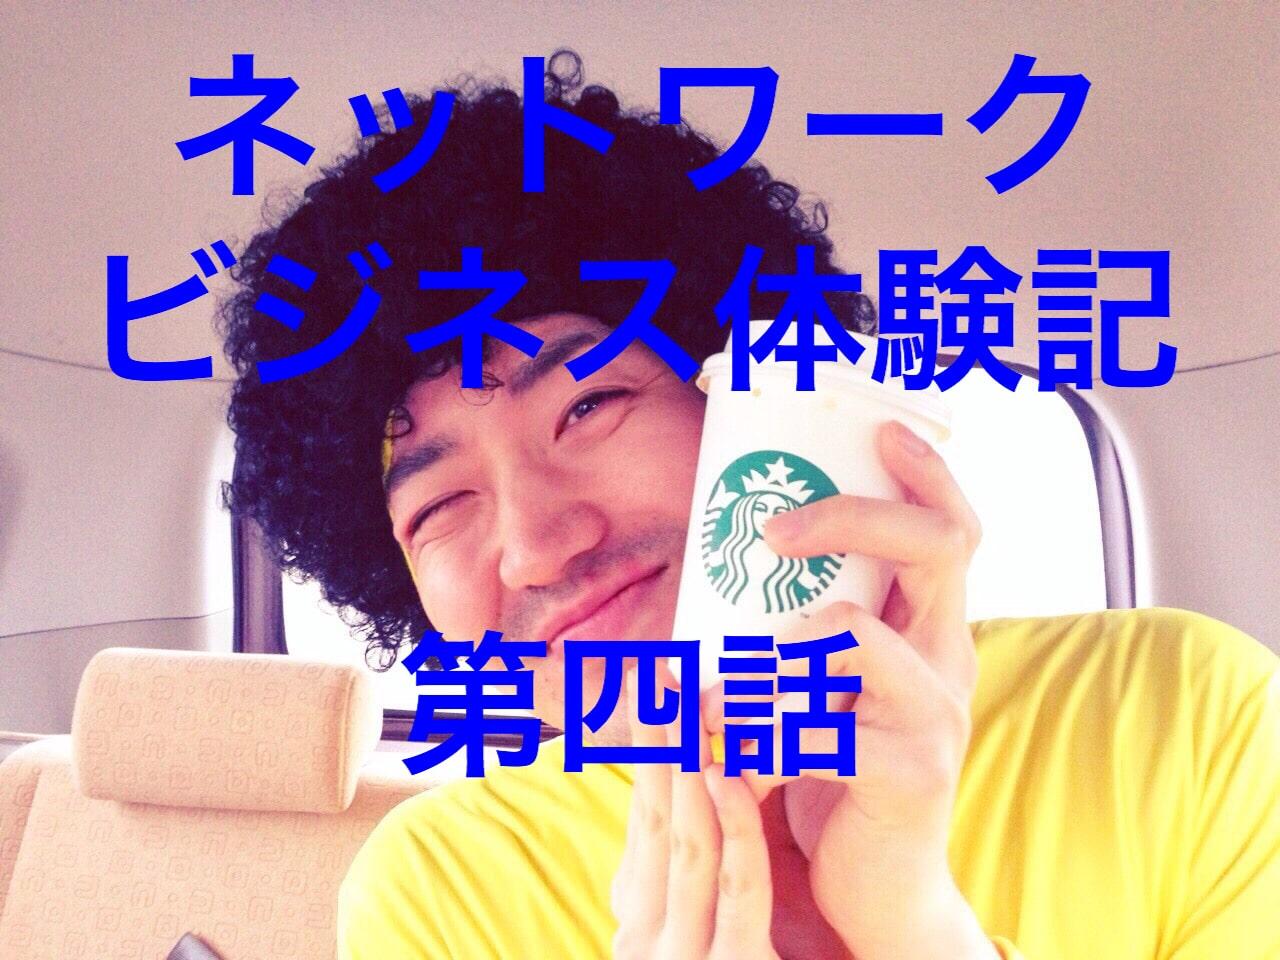 【第四話】実録!ネットワークビジネス(マルチ商法)体験記